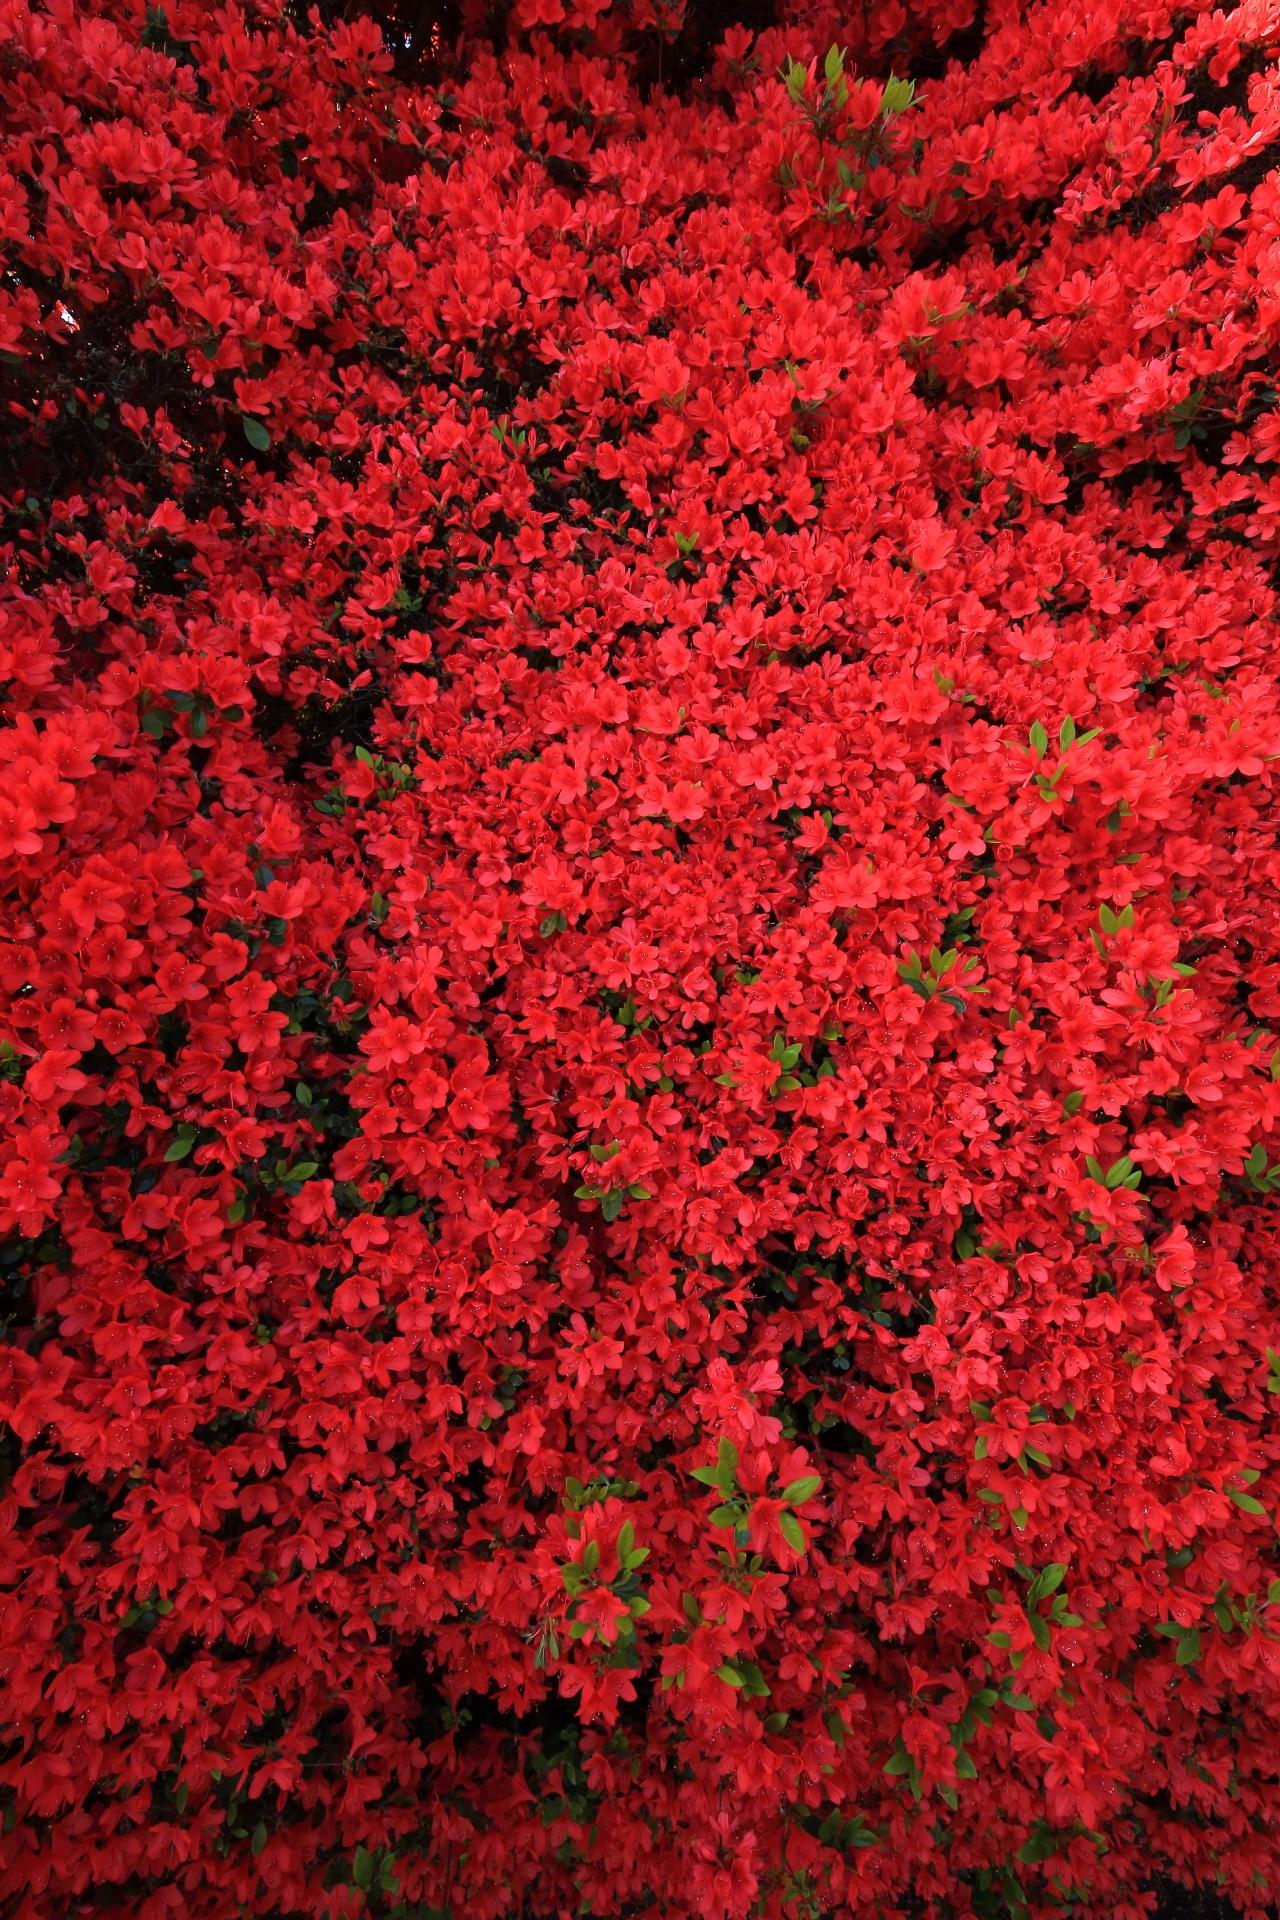 鮮烈な赤い一色のきりしまつつじ